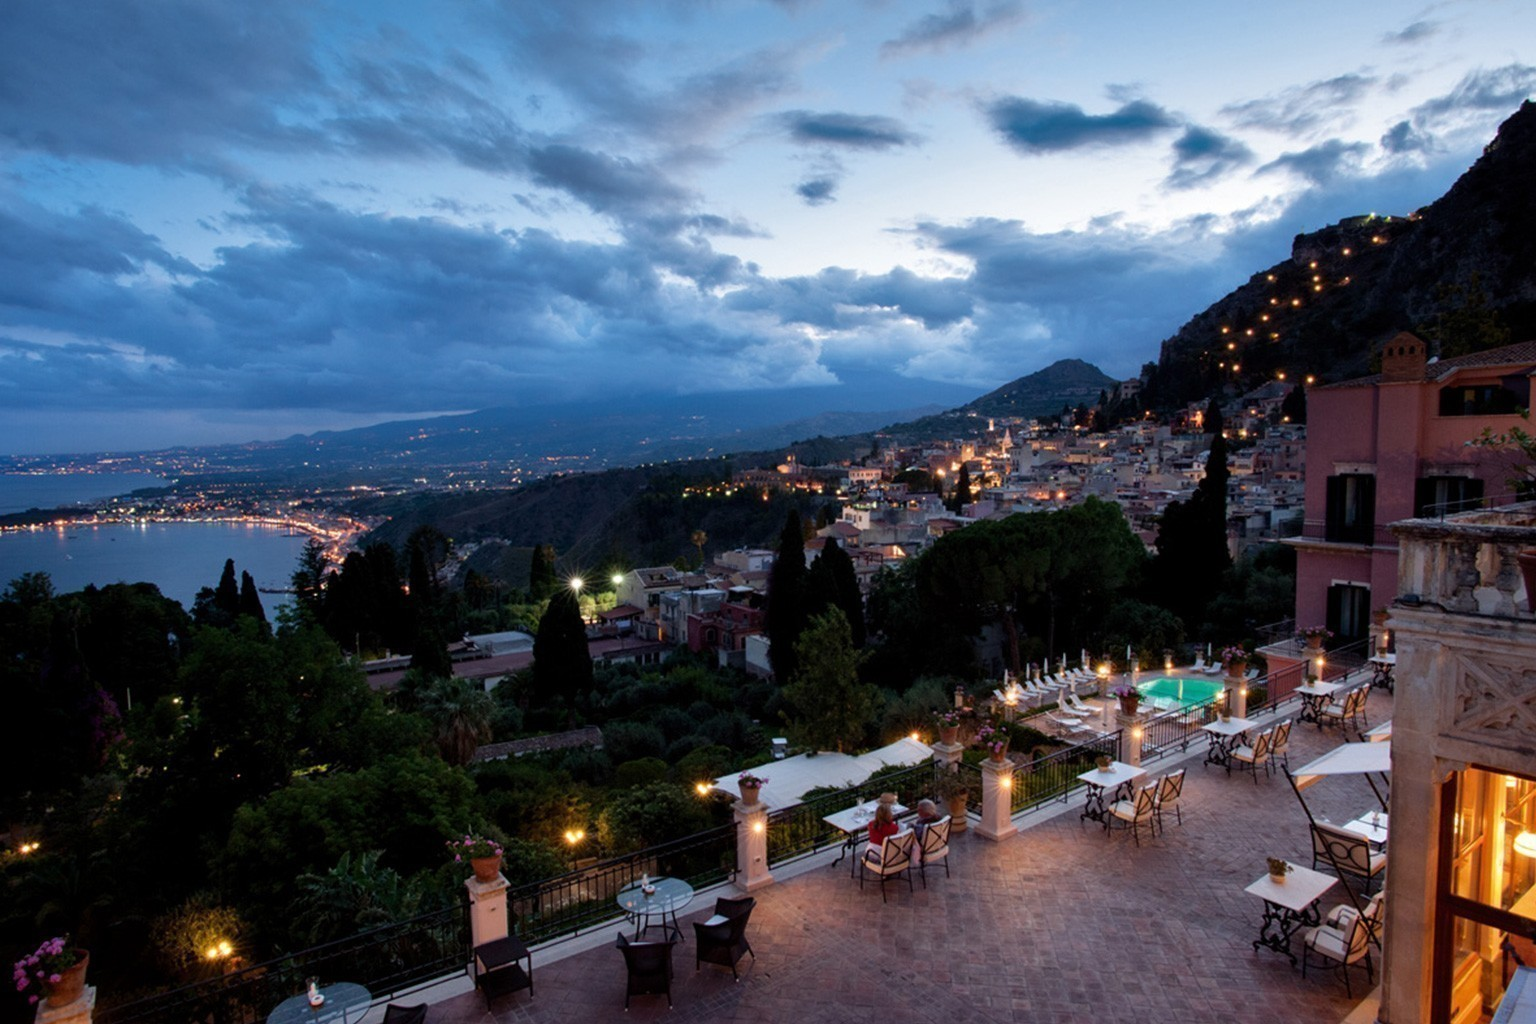 Belmond grand hotel timeo luxushotels bei designreisen for Design hotel sizilien